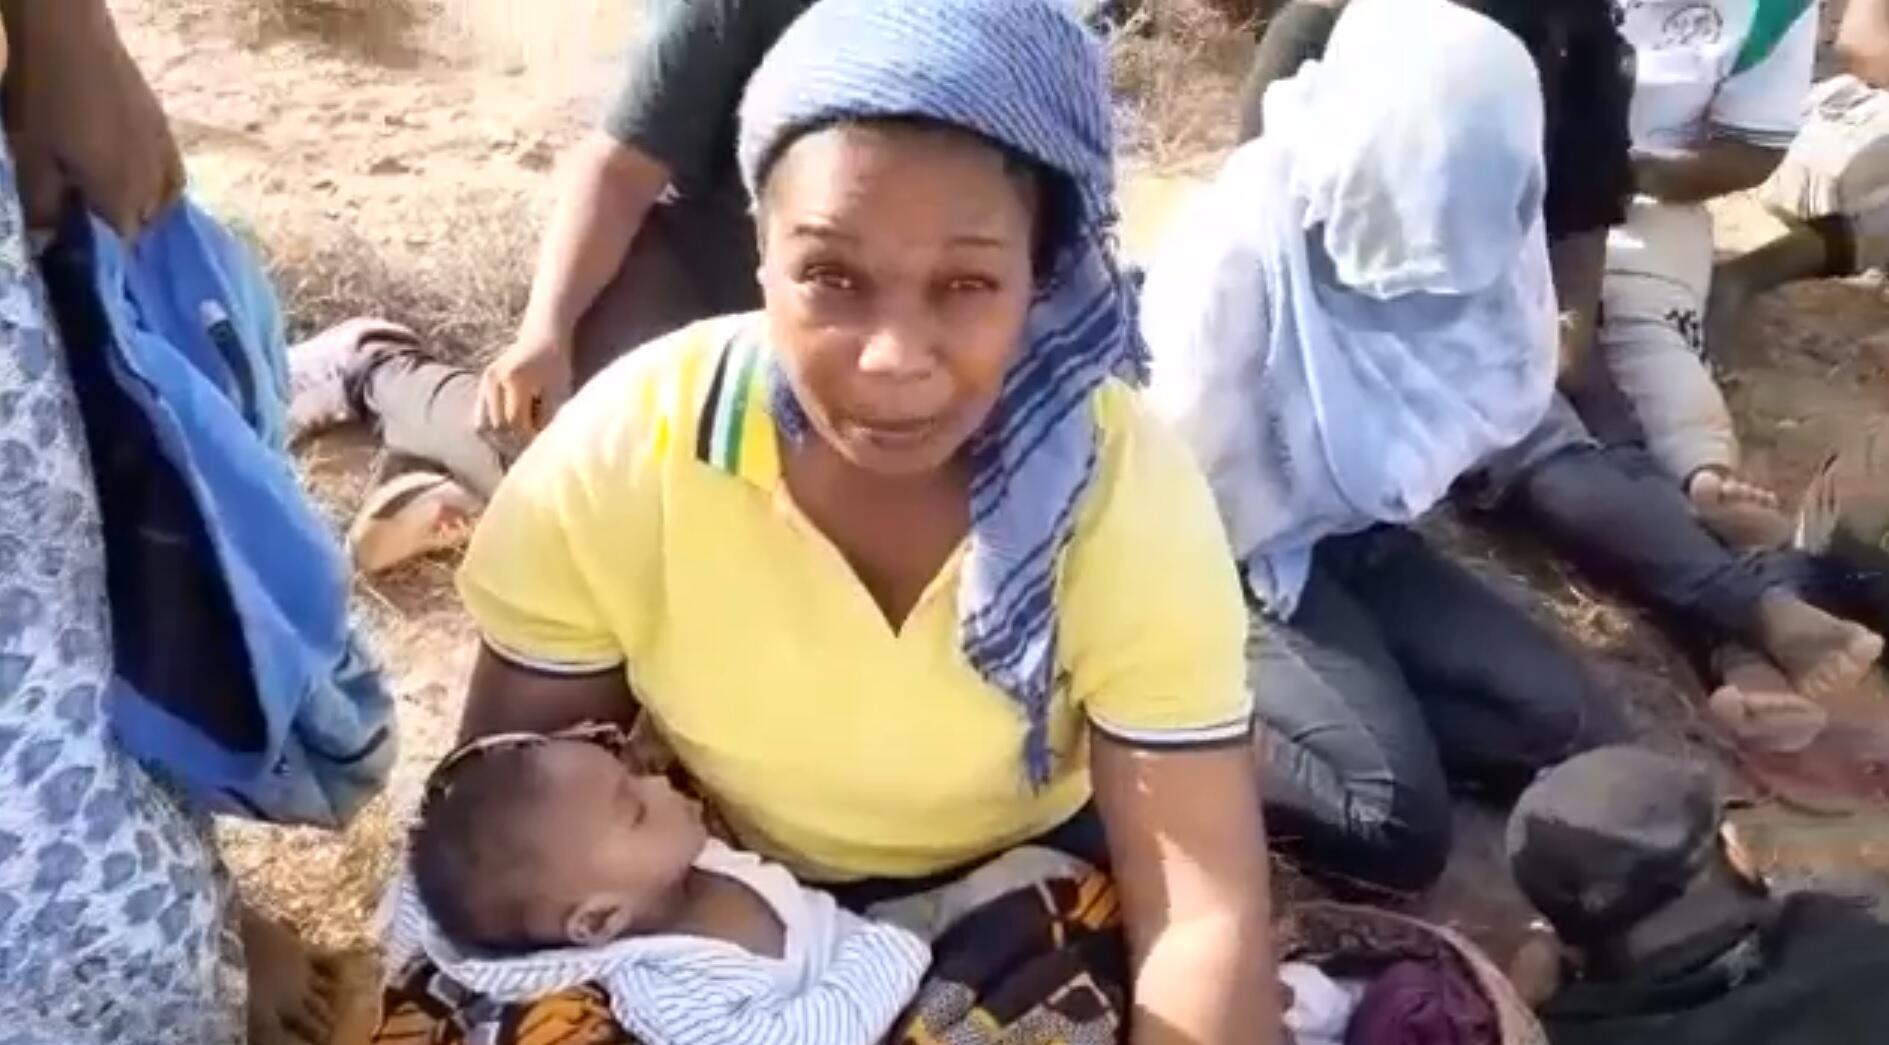 صورة من شاشة فيديو صوره في 3 أغسطس/آب 2019 أحد المهاجرين القادمين من ساحل العاج وقال إنه هو وبقية المهاجرين تُركوا في الصحراء قرب الحدود الليبية.